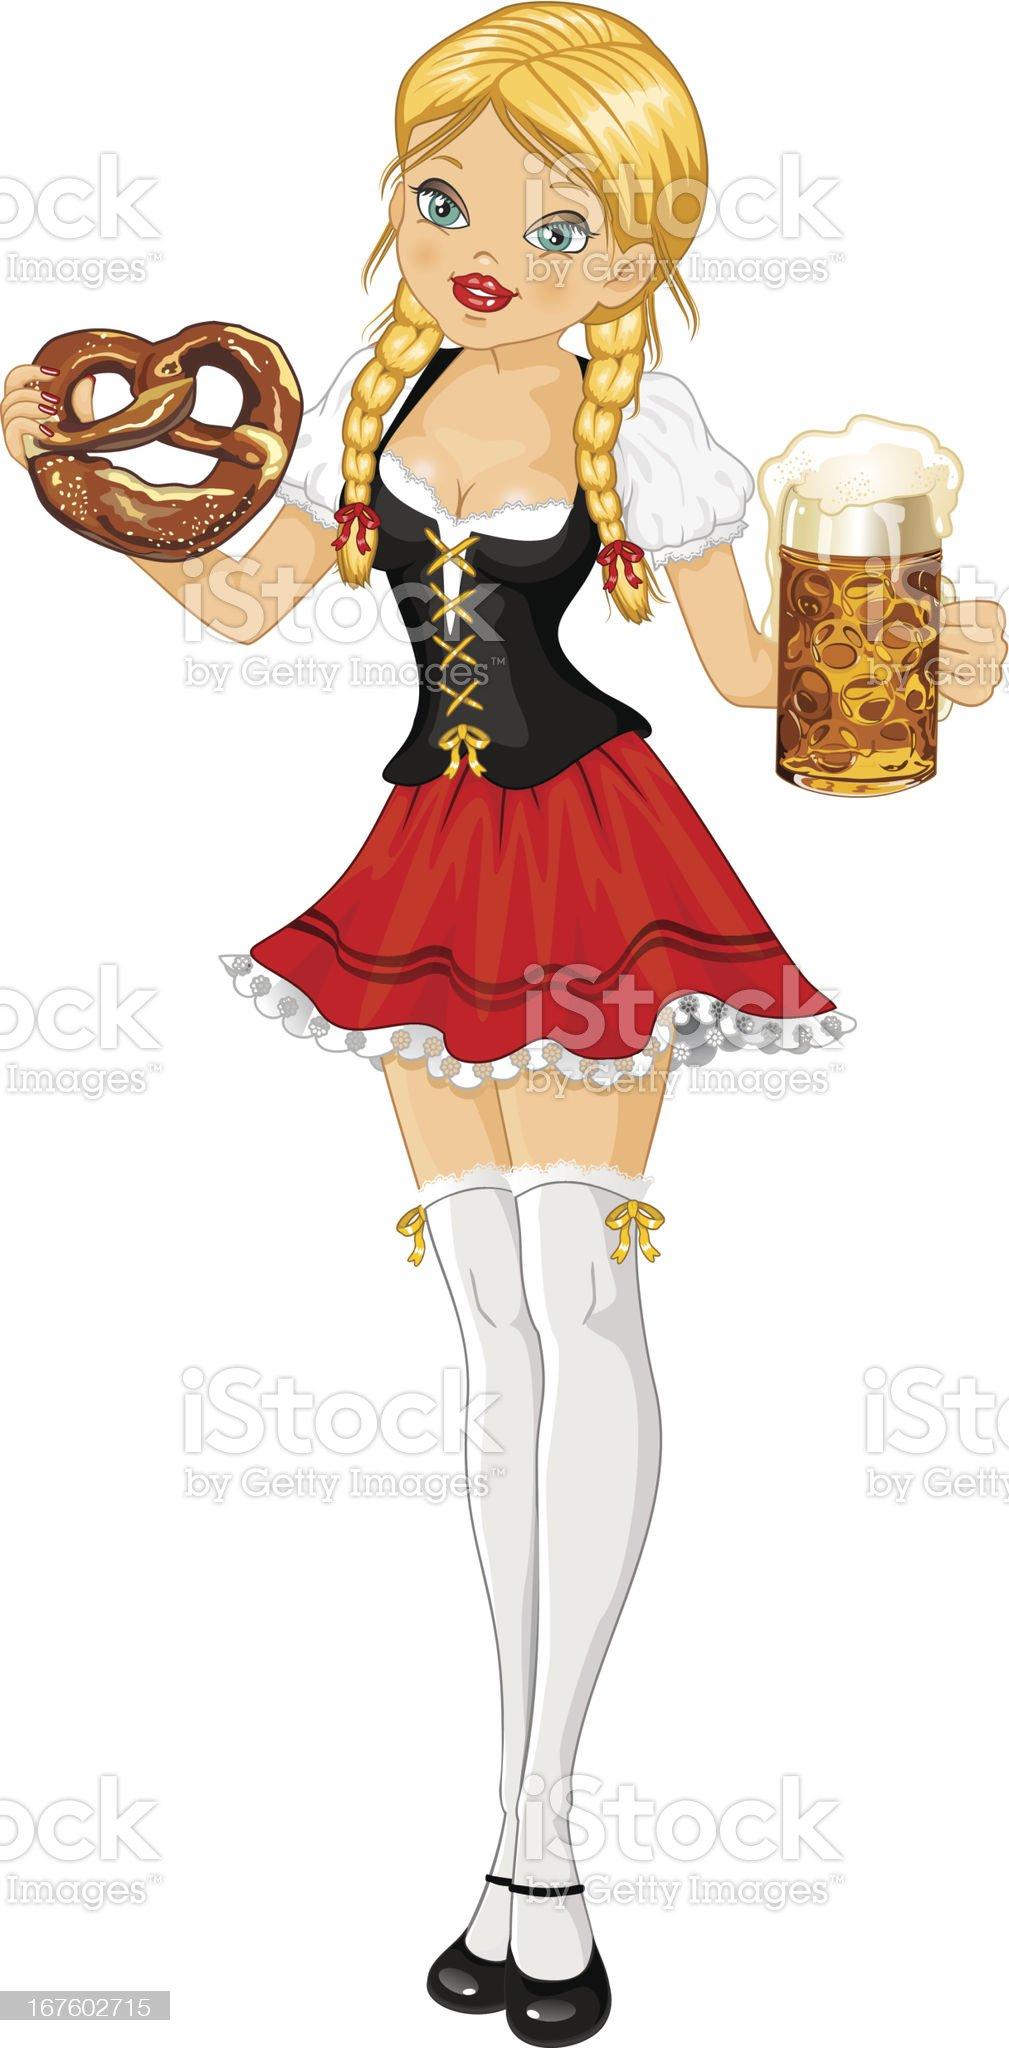 Woman oktoberfest beer and pretzel royalty-free stock vector art